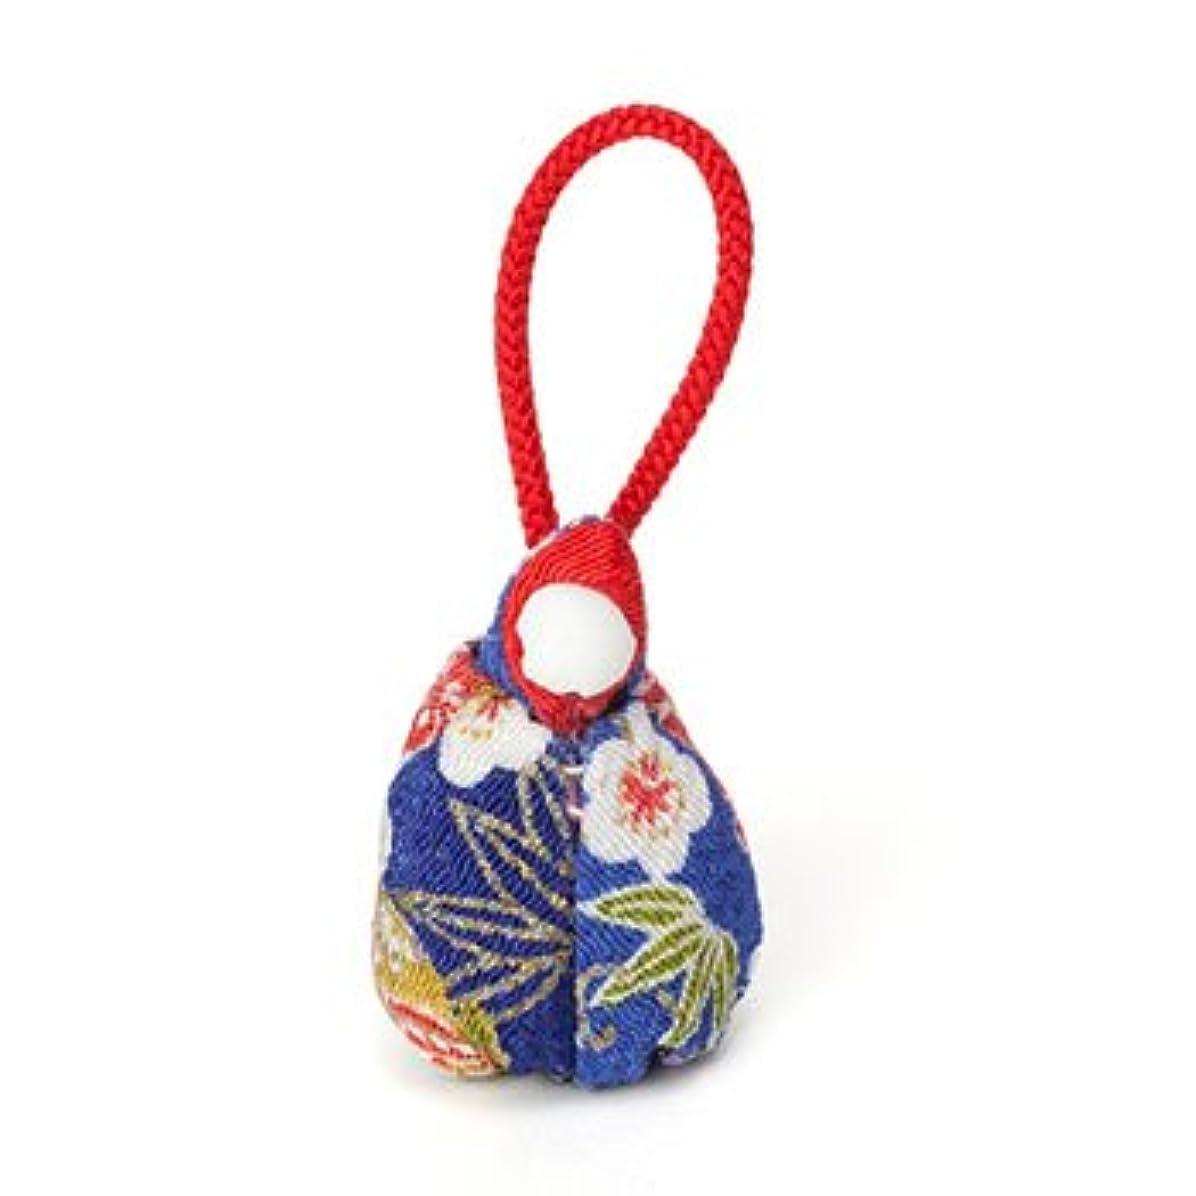 とげ慈悲深い層匂い袋 誰が袖 だるまさん 1個入 ケースなし (色・柄は選べません)